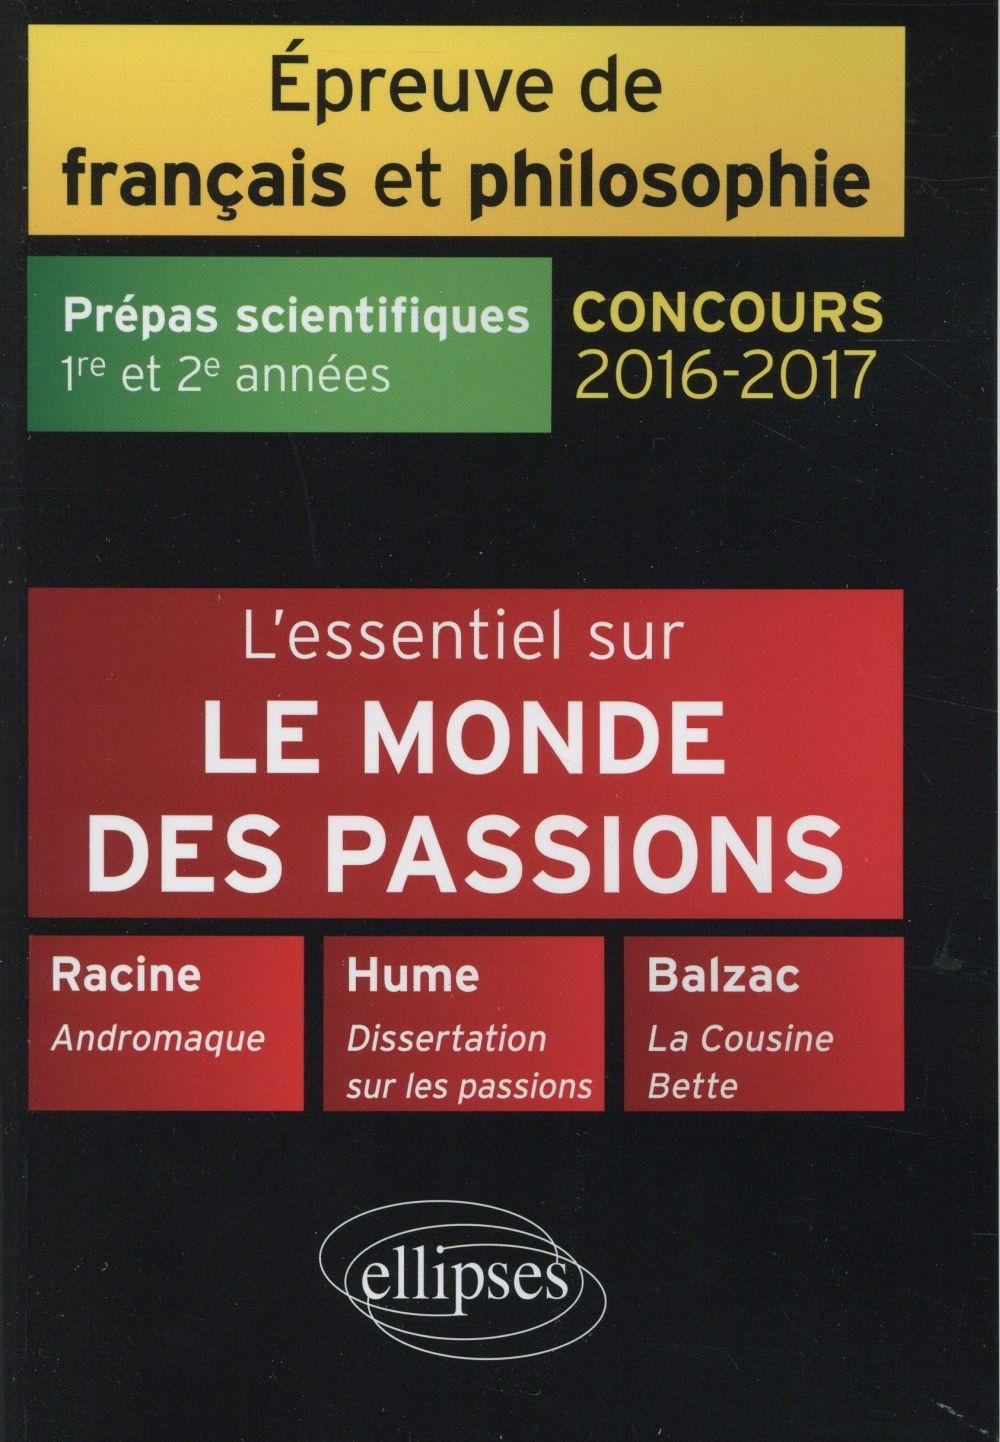 hume dissertation sur les passions prépa